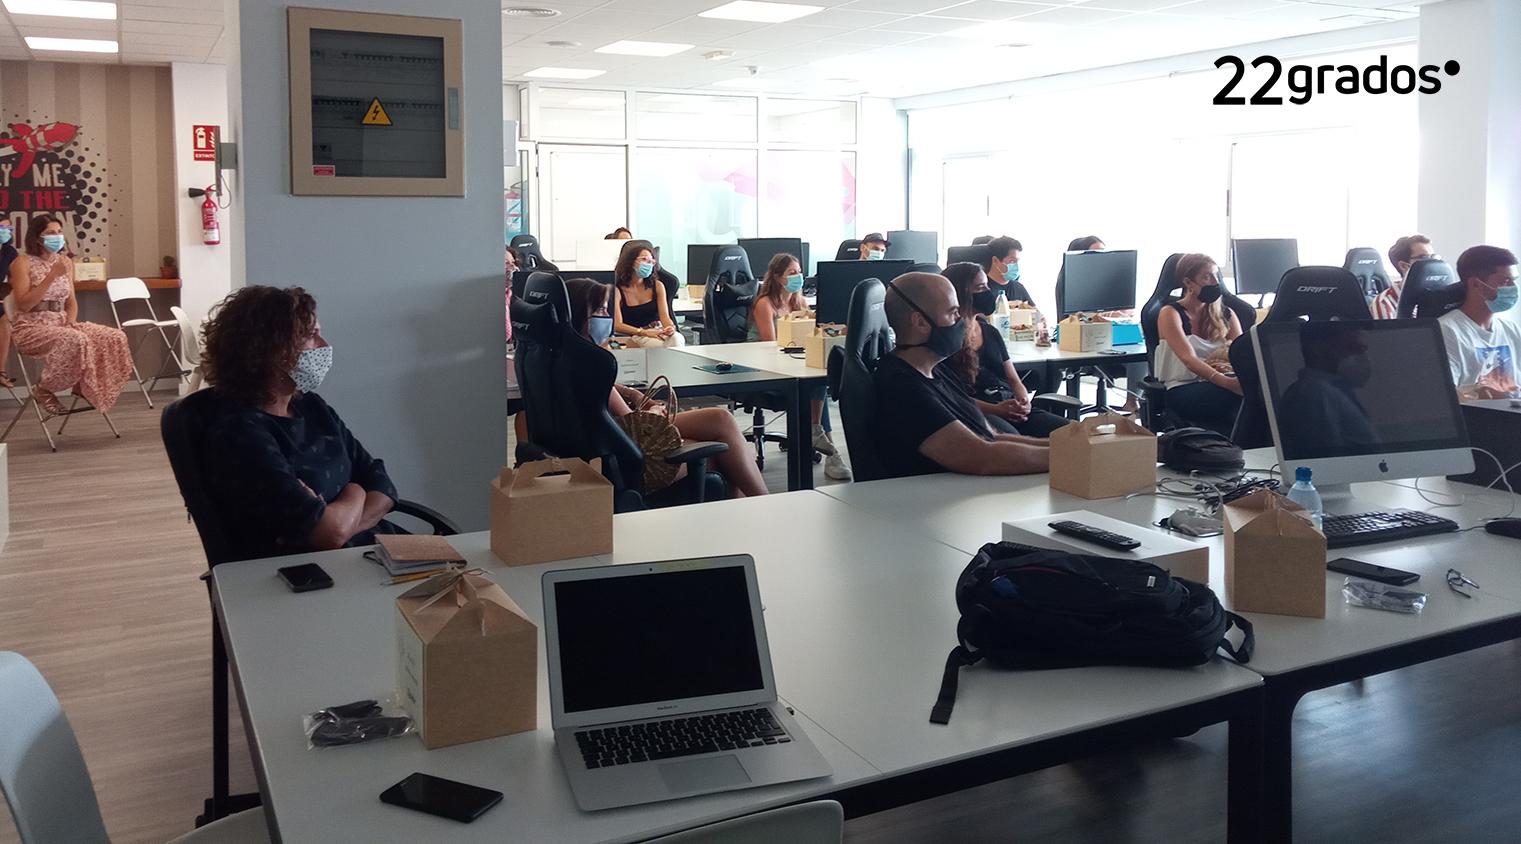 22grados propone el teletrabajo flexible en la organización